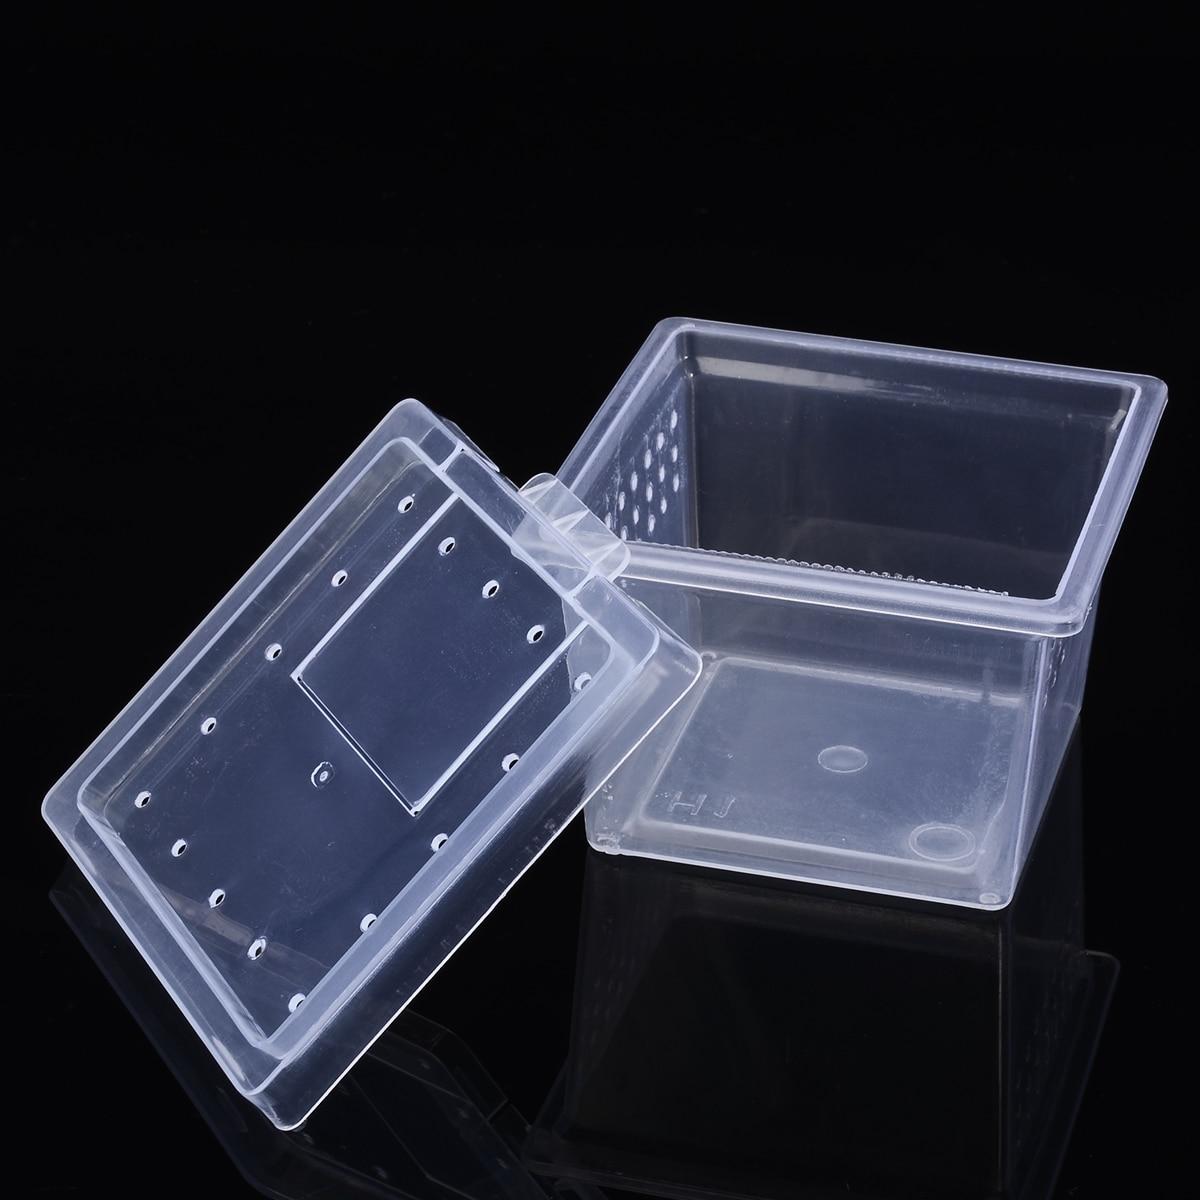 Plastic Reptiles Living Box Transparent Reptile Terrarium Habitat  Spider Snake Transport Breeding Feeding Case